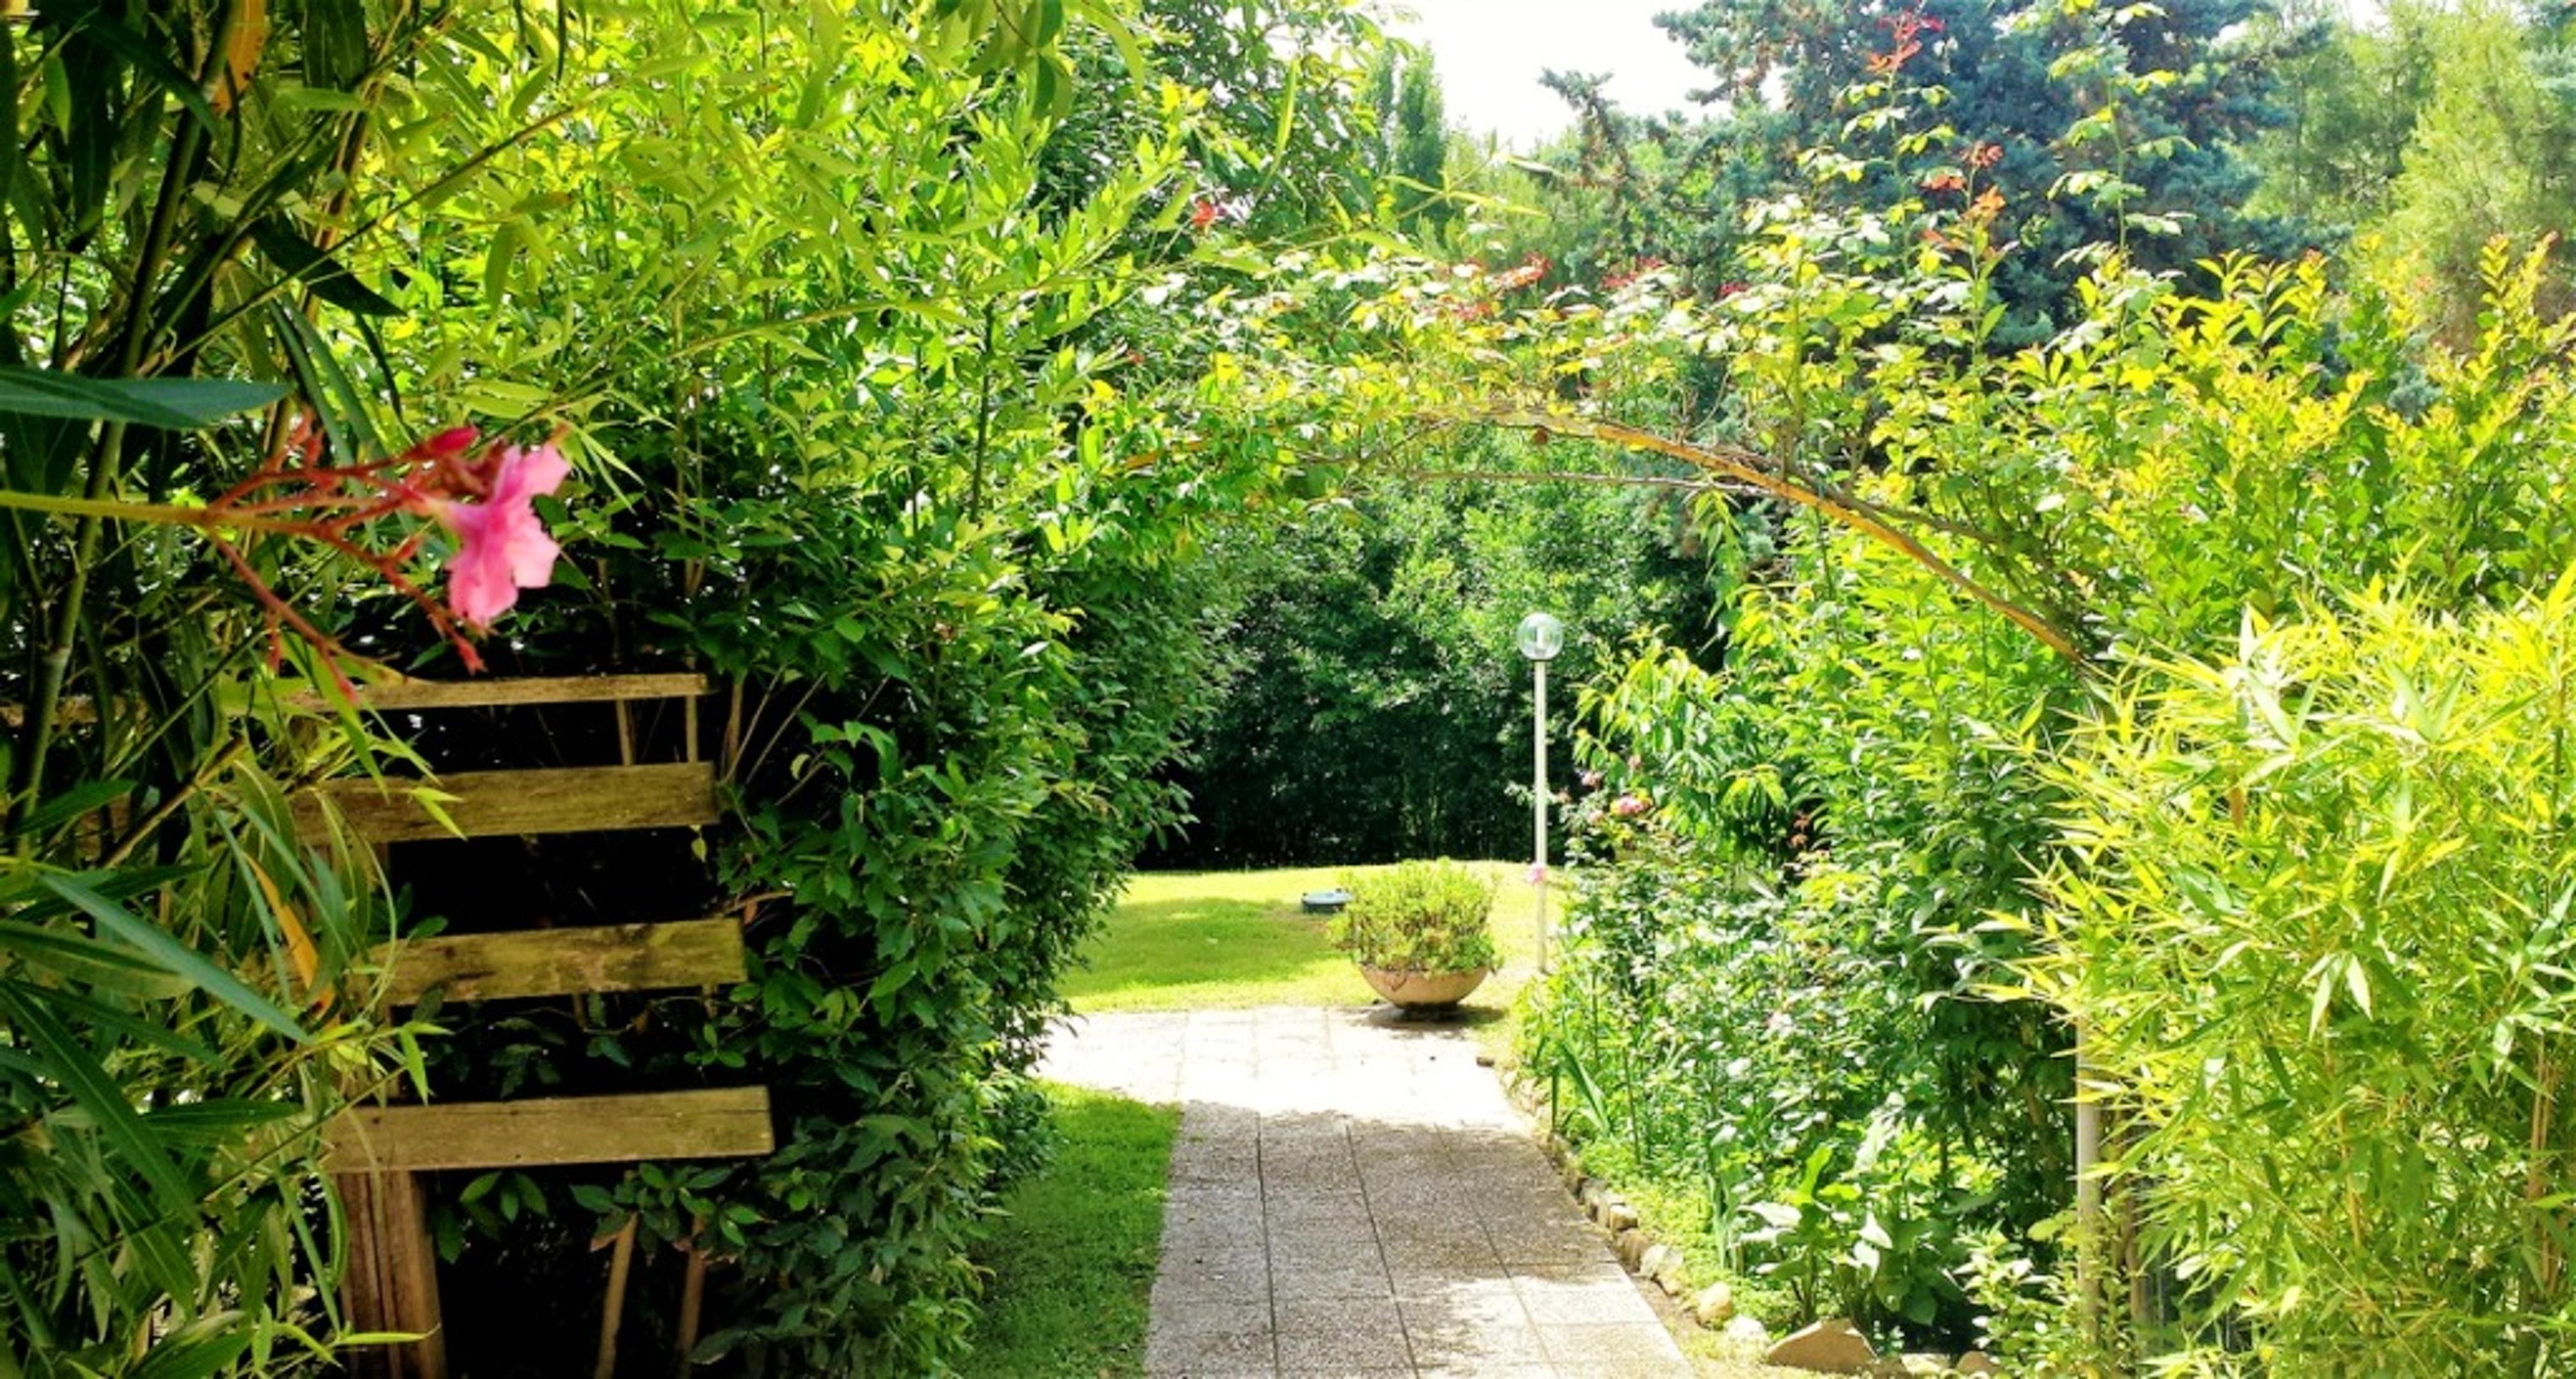 Ferienhaus Villa mit 5 Schlafzimmern in Pesaro mit privatem Pool, eingezäuntem Garten und W-LAN - 3 k (2202299), Pesaro, Pesaro und Urbino, Marken, Italien, Bild 15